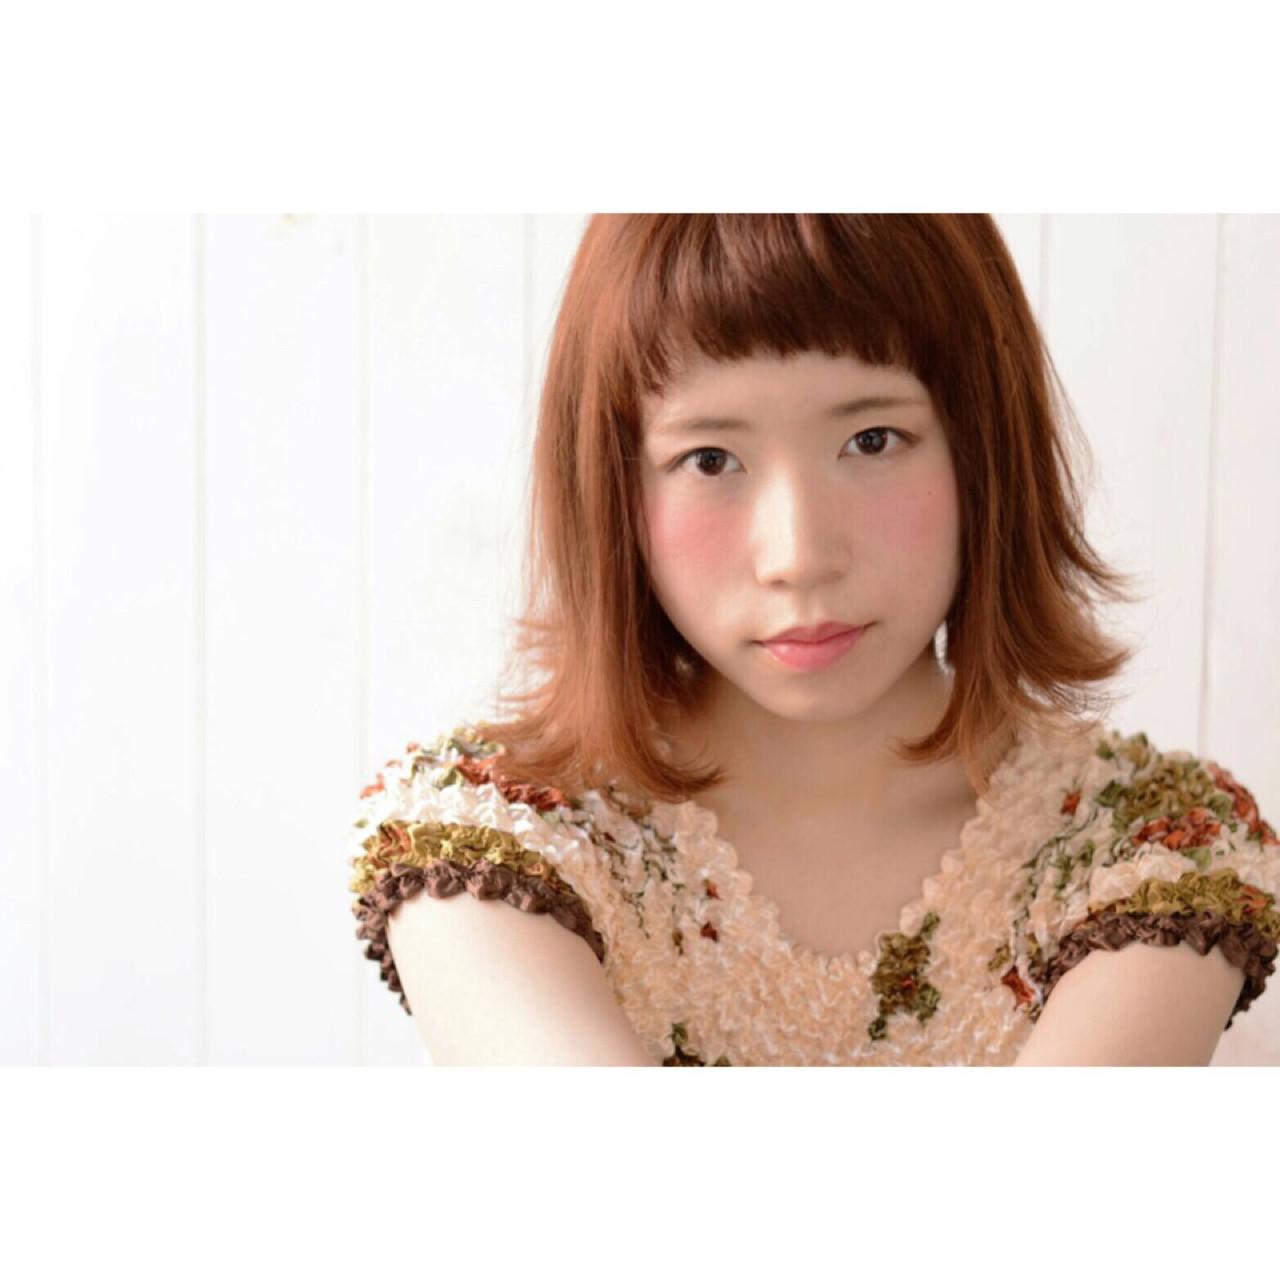 オレンジヘアカラー×メイクで明るい表情に♪ 中林 香奈